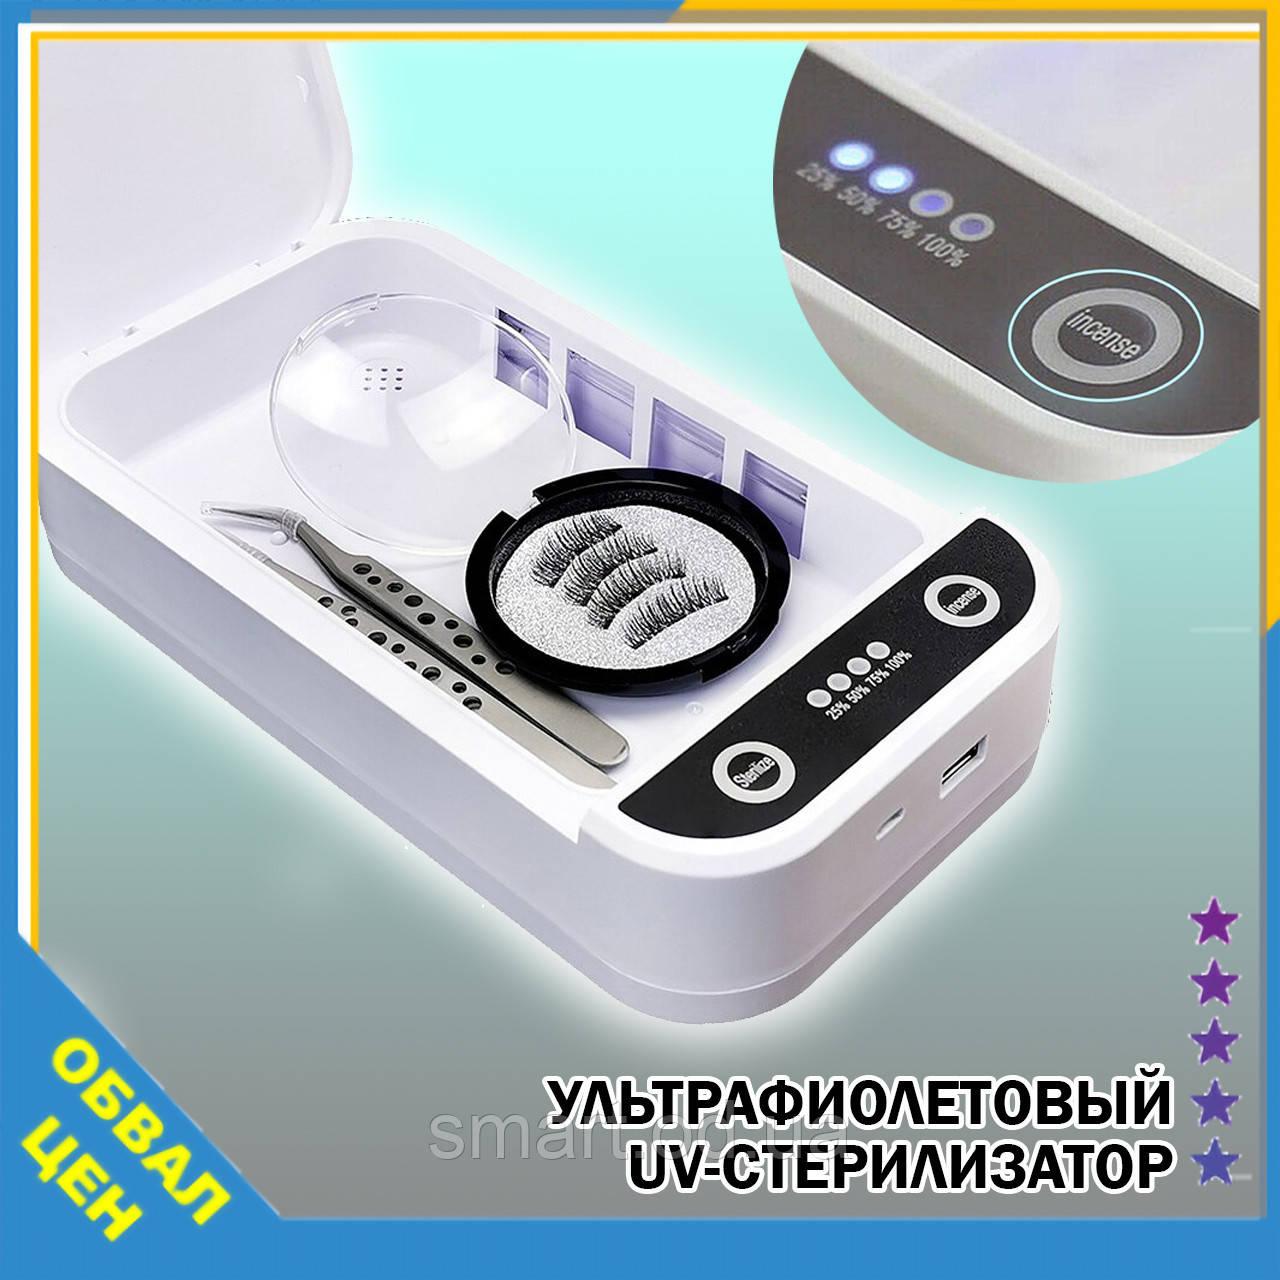 Портативний ультрафіолетовий UV-стерилізатор УФ САНІТАЙЗЕР дезінфекція sterilizer переносний універсальний